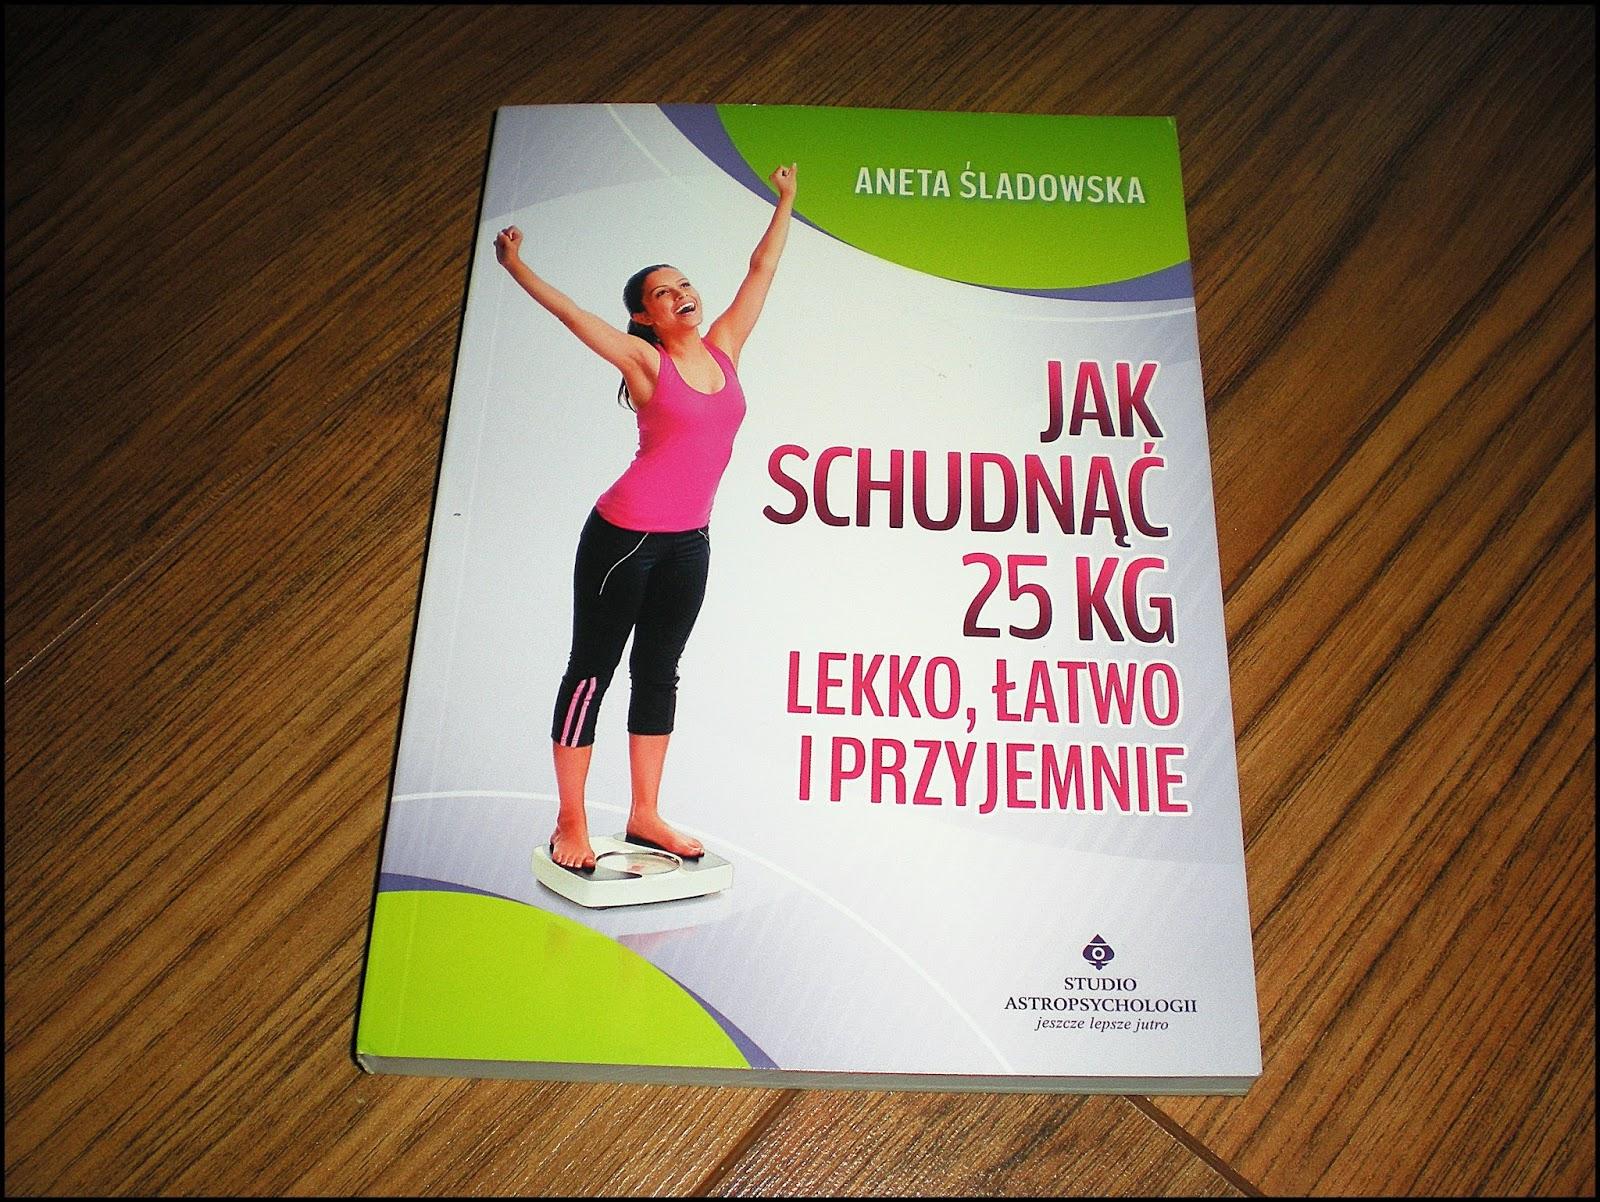 Jak schudnąć 25 kg lekko, łatwo i przyjemnie